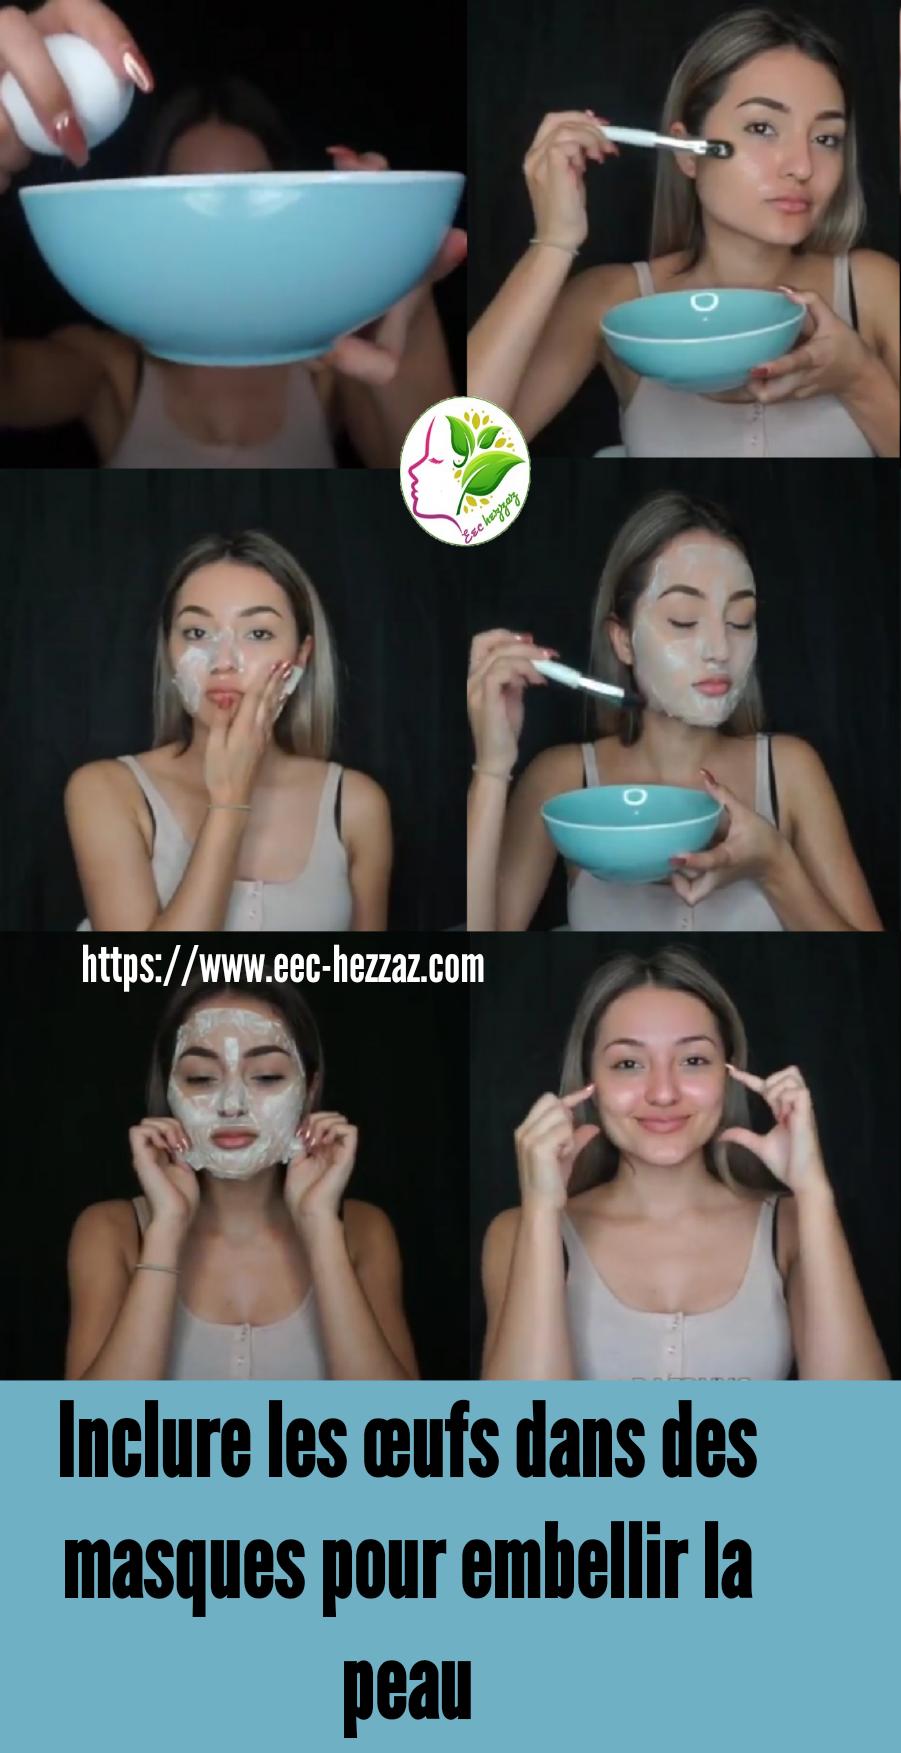 Inclure les œufs dans des masques pour embellir la peau